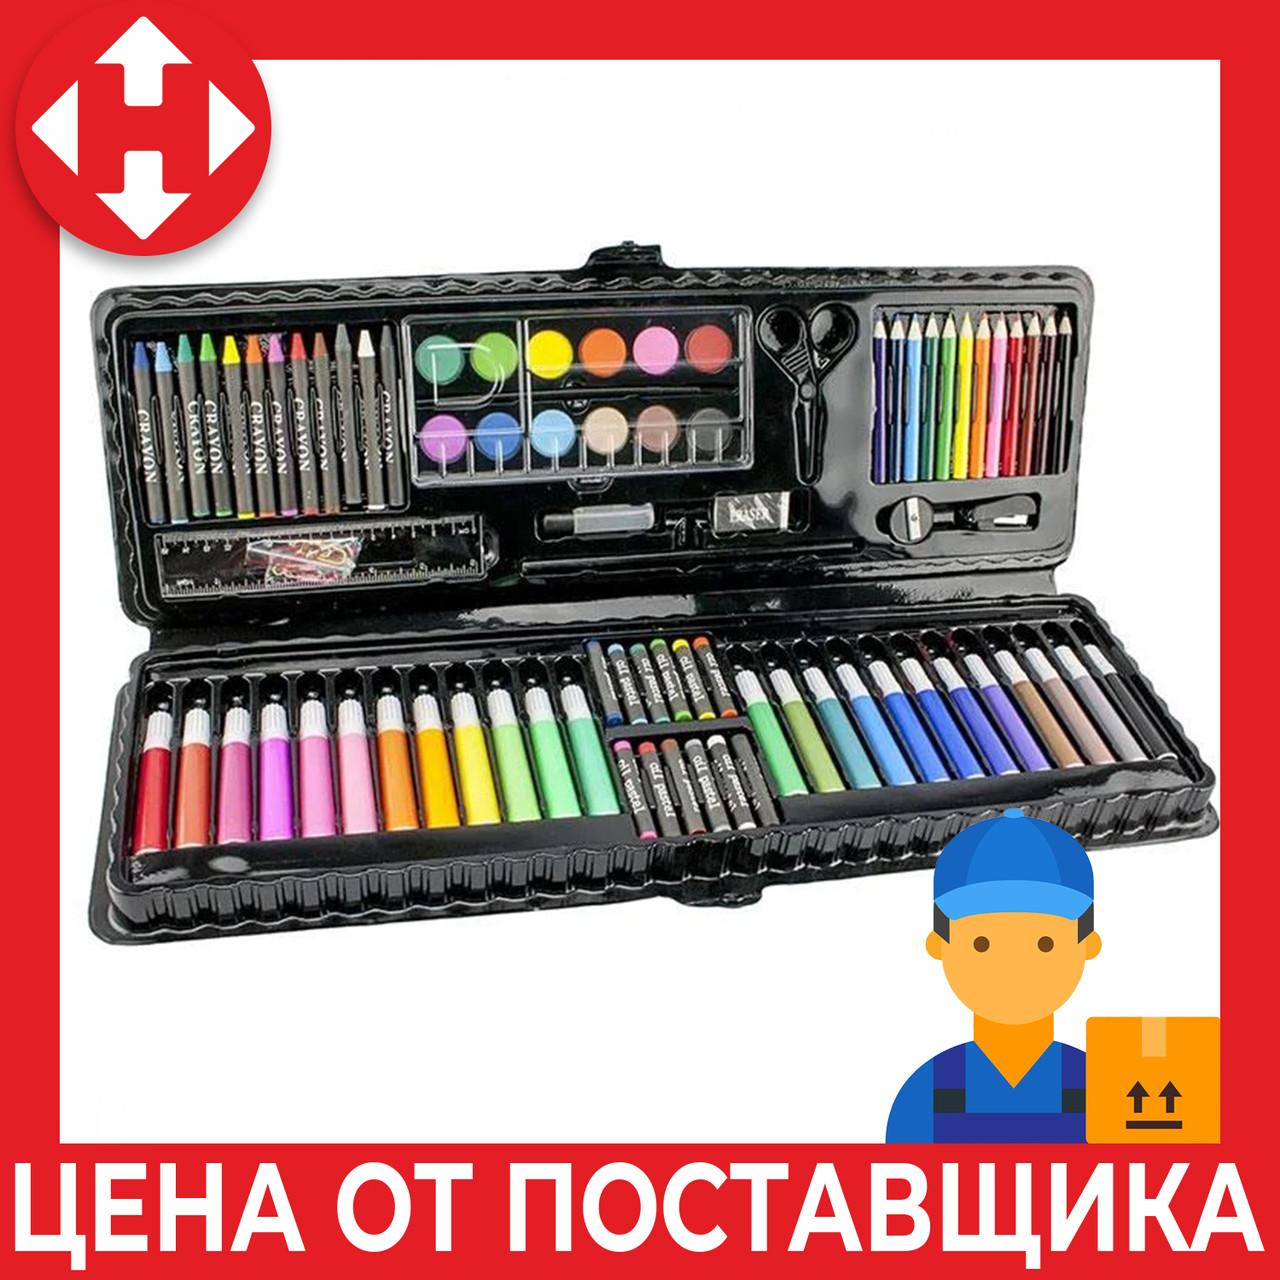 Детский подарочный набор для рисования Art set, 92 предмета (чёрный футляр), все для творчества